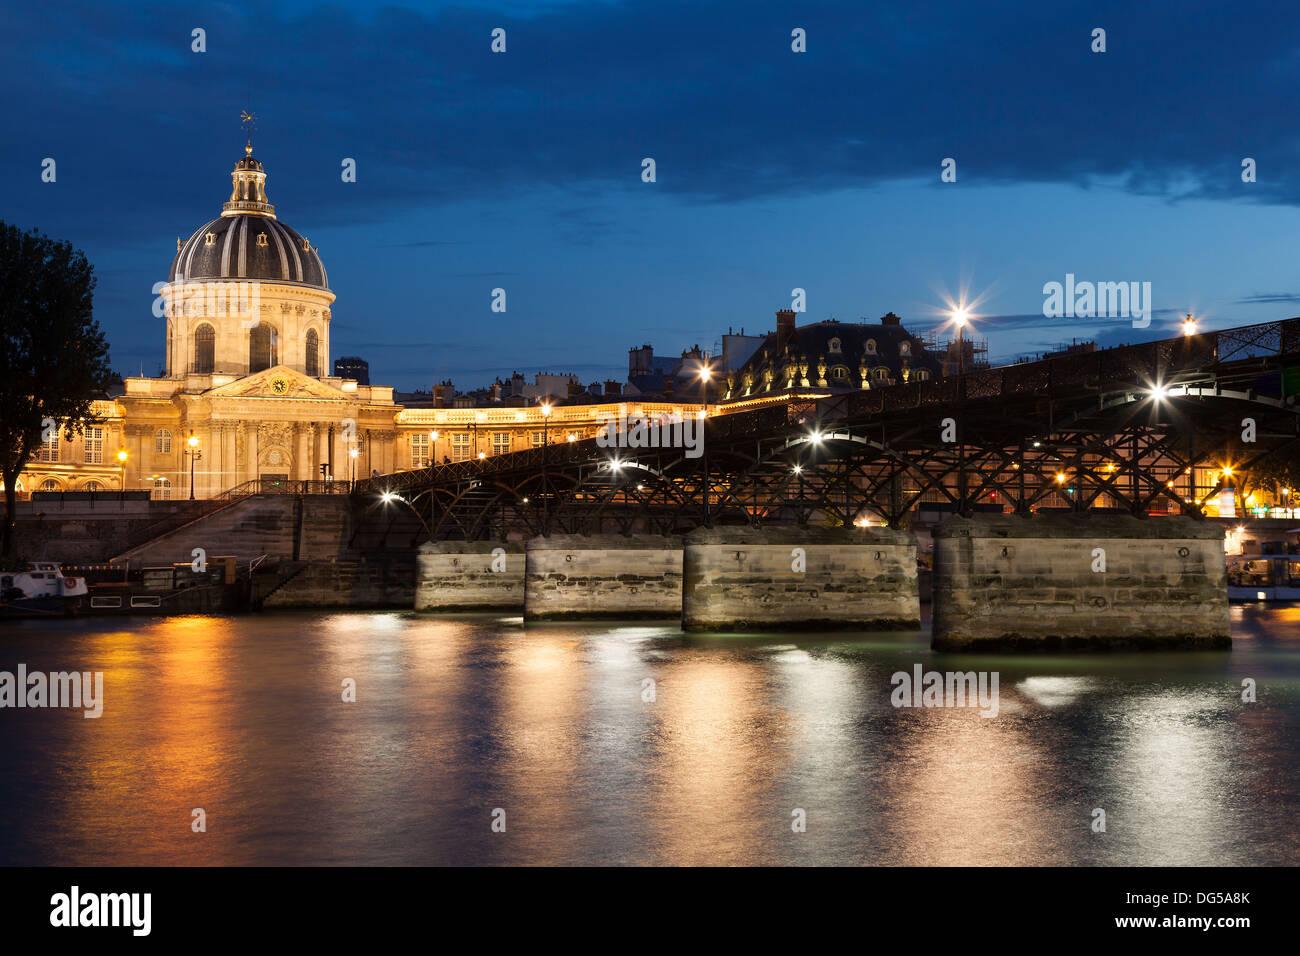 Pont des arts and and institut de France, Paris, Ile de France, France - Stock Image